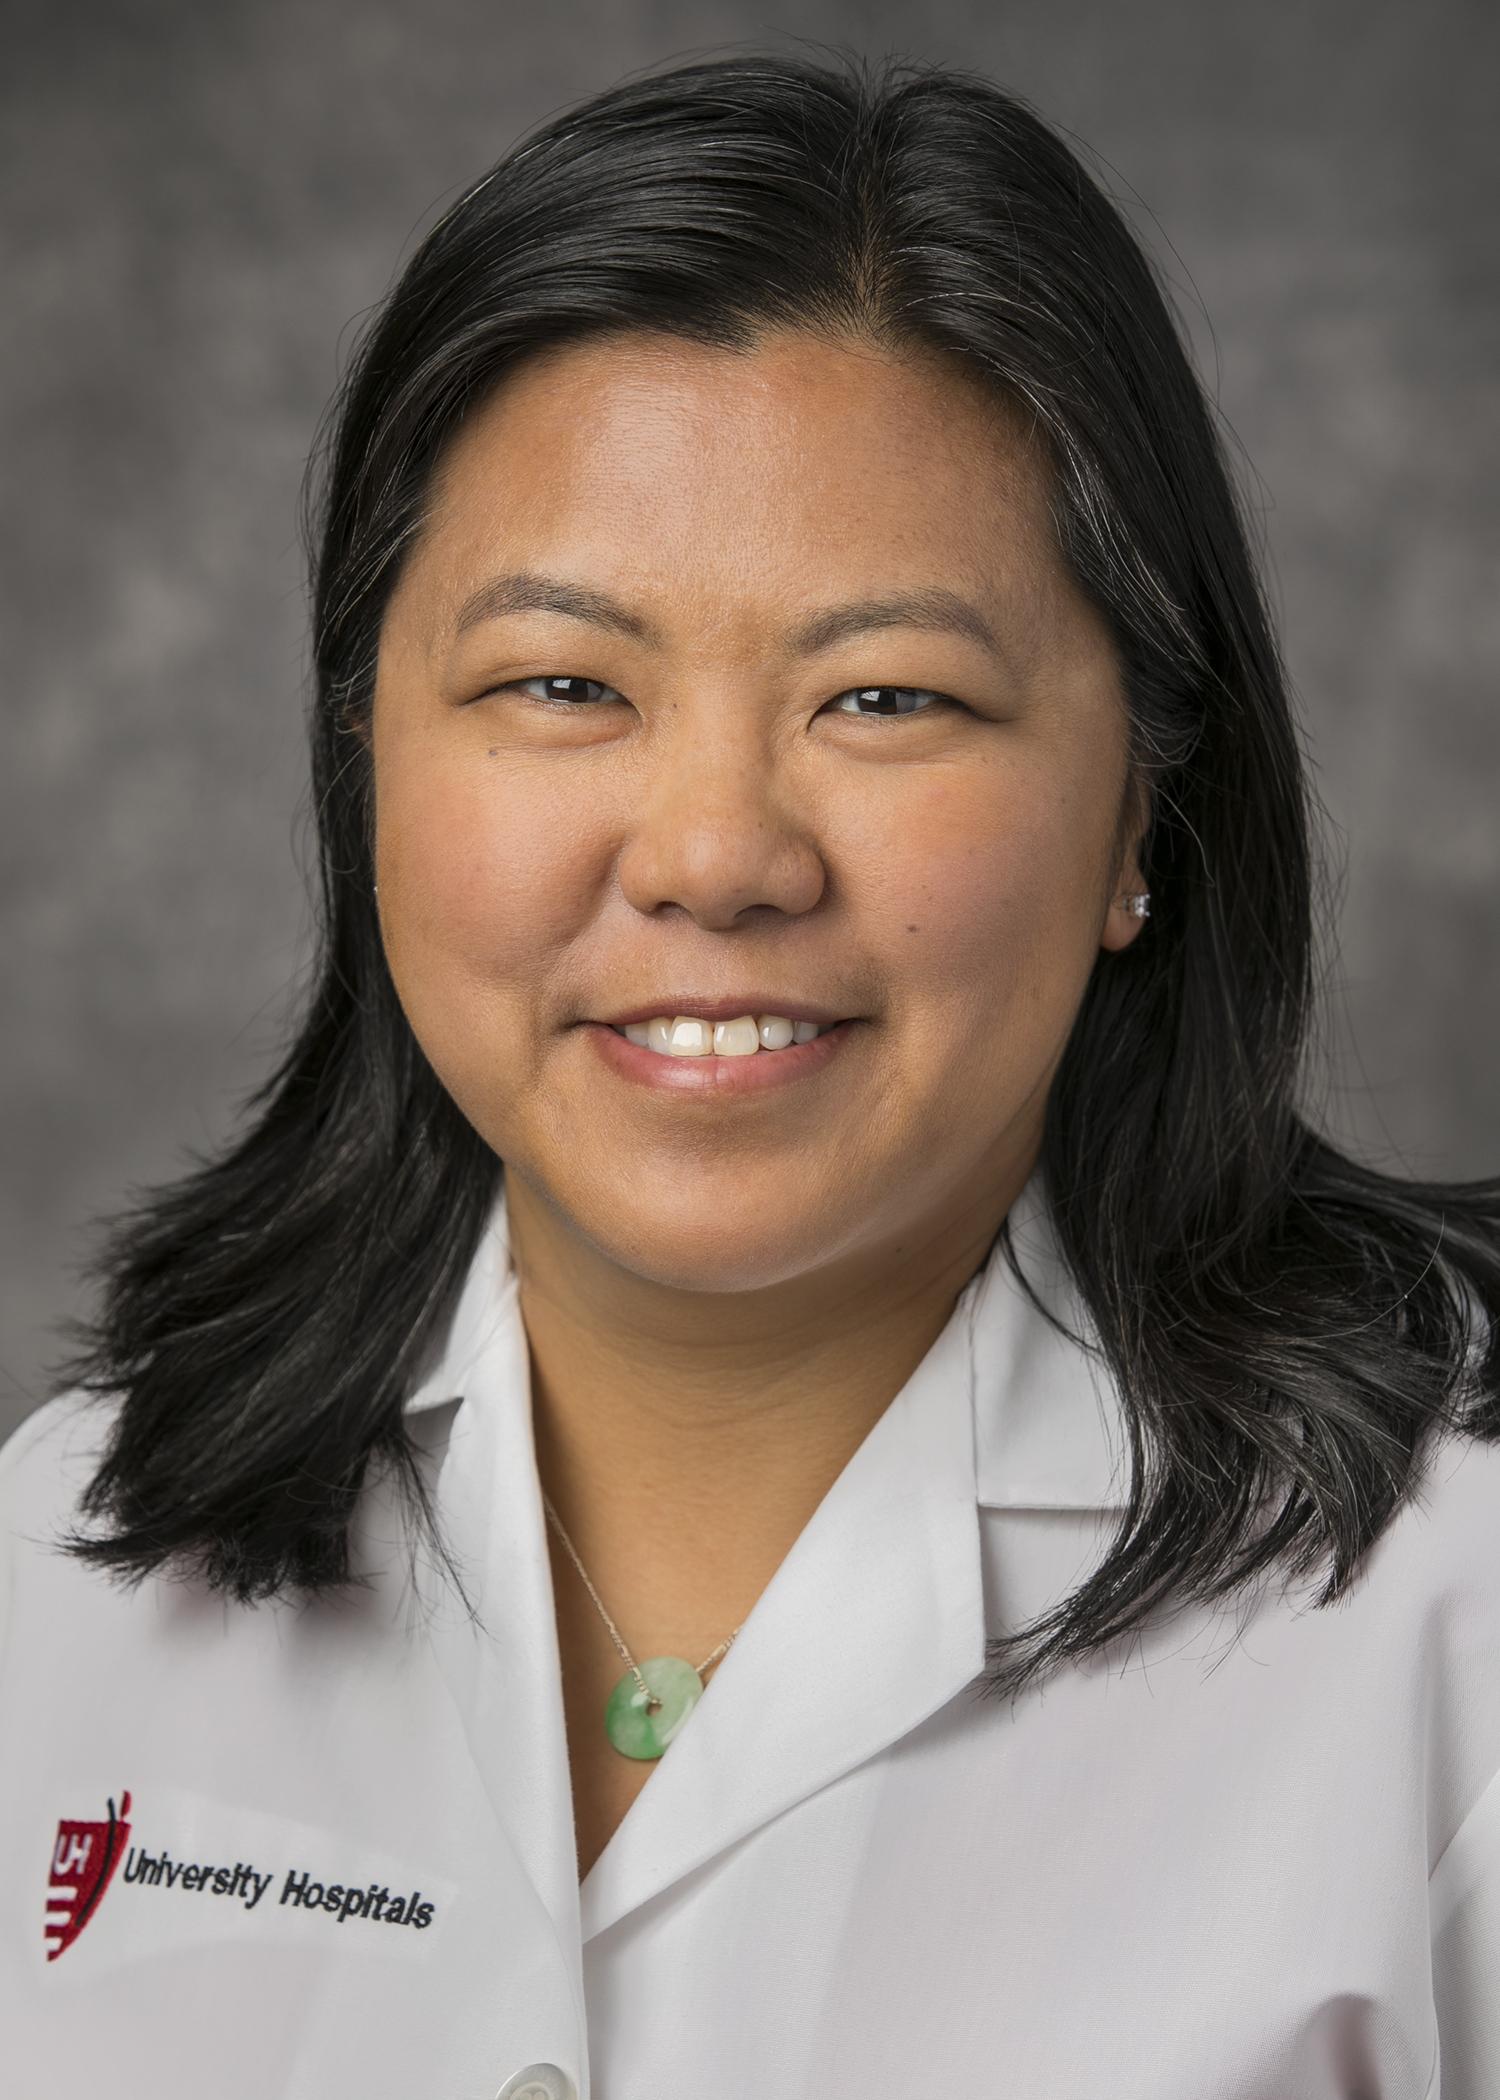 Victoria Wu, MD